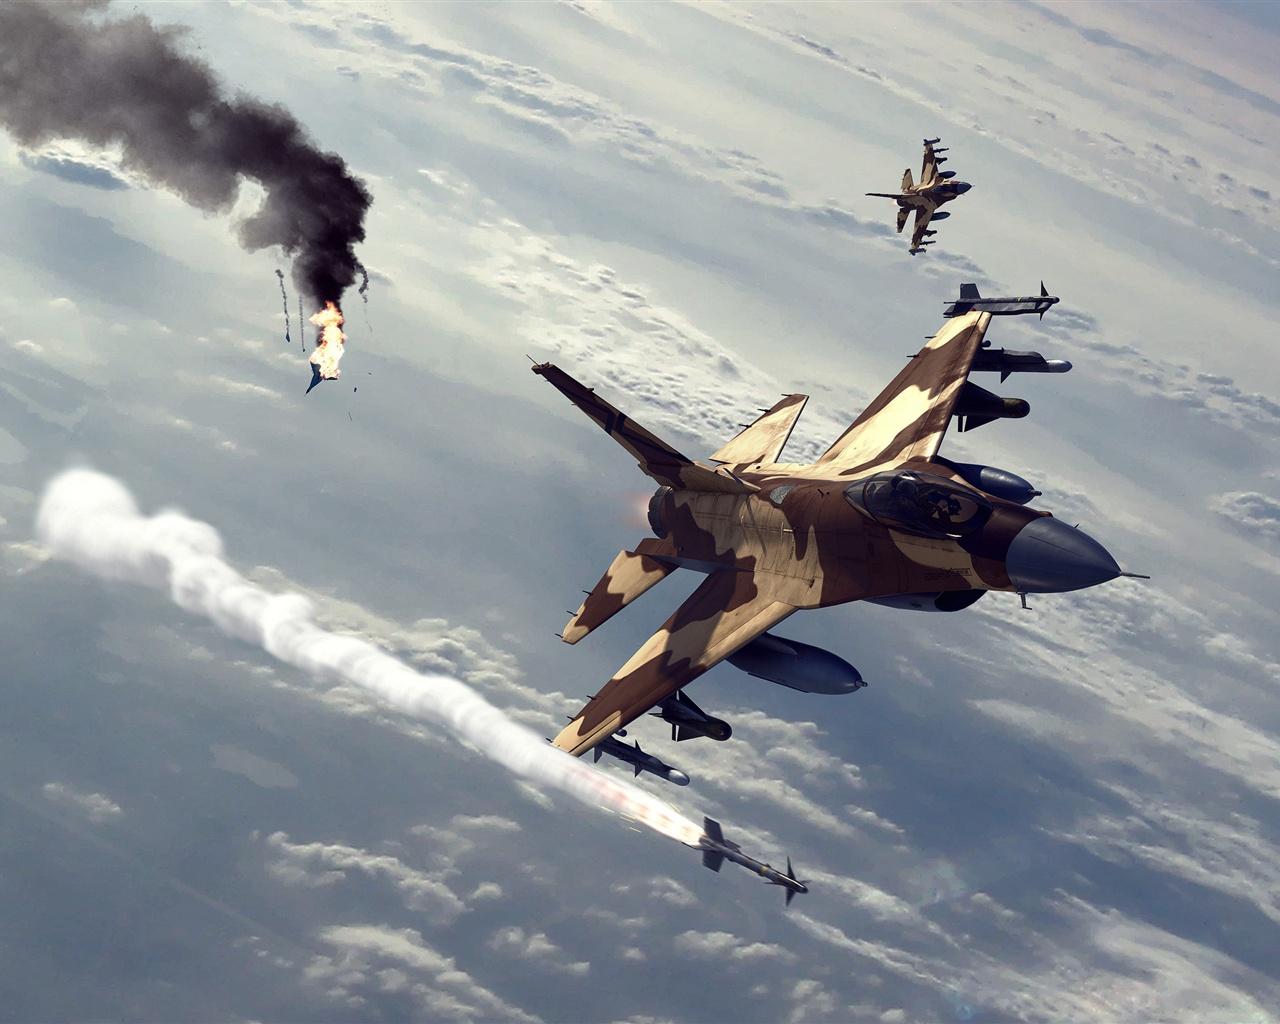 戦闘機空中戦闘 壁紙 - 1280x1024   戦闘機空中戦闘 壁紙